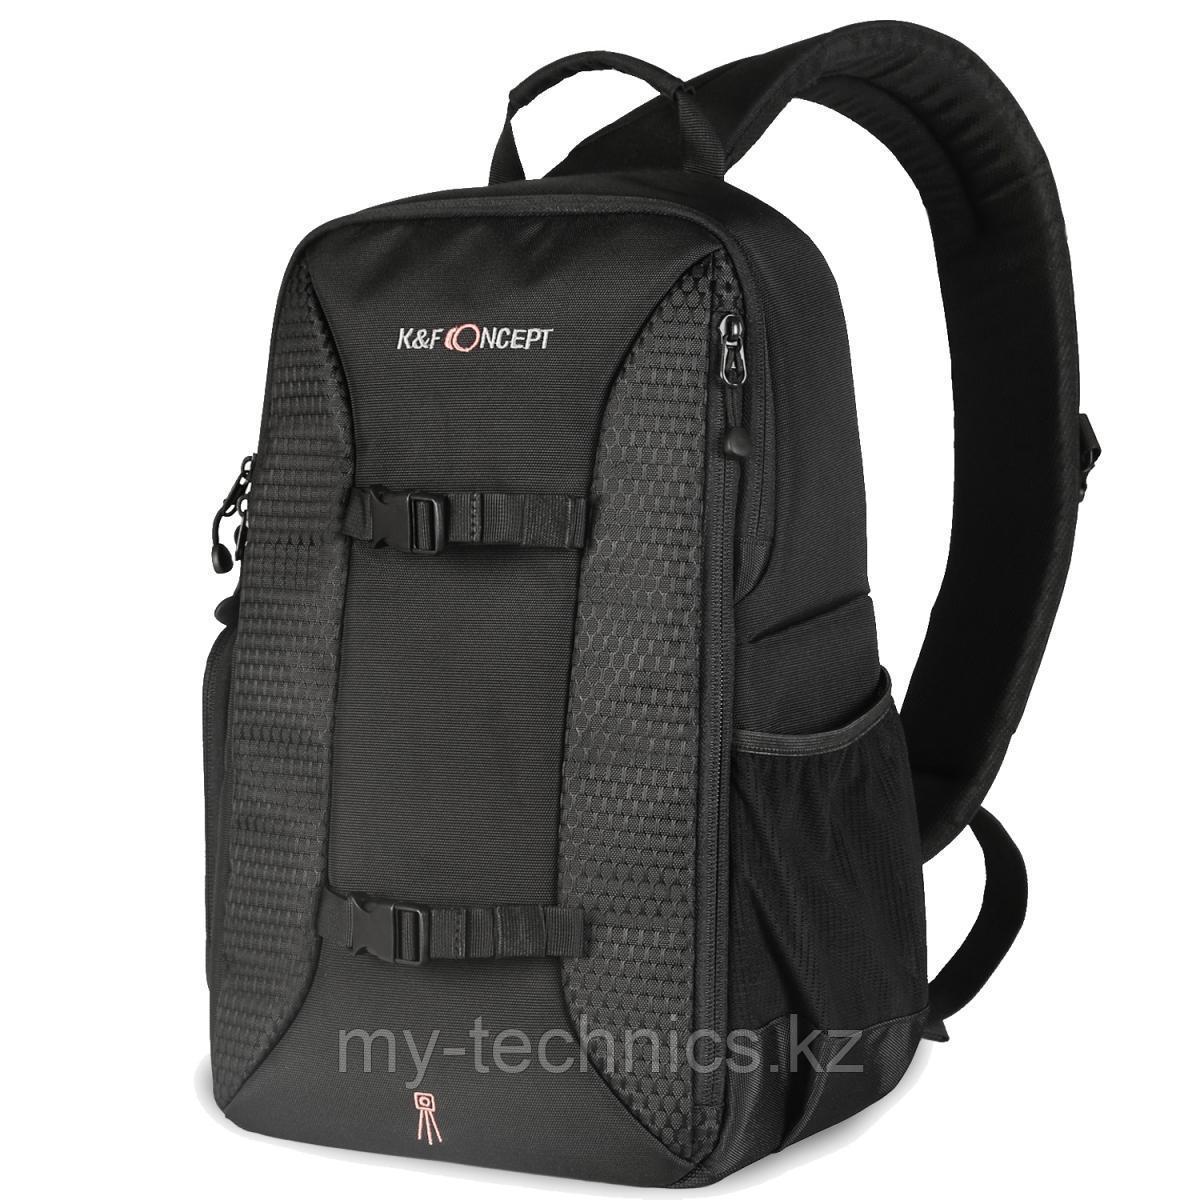 K&F Concept DSLR Camera Sling Backpack Bag (KF13.082)